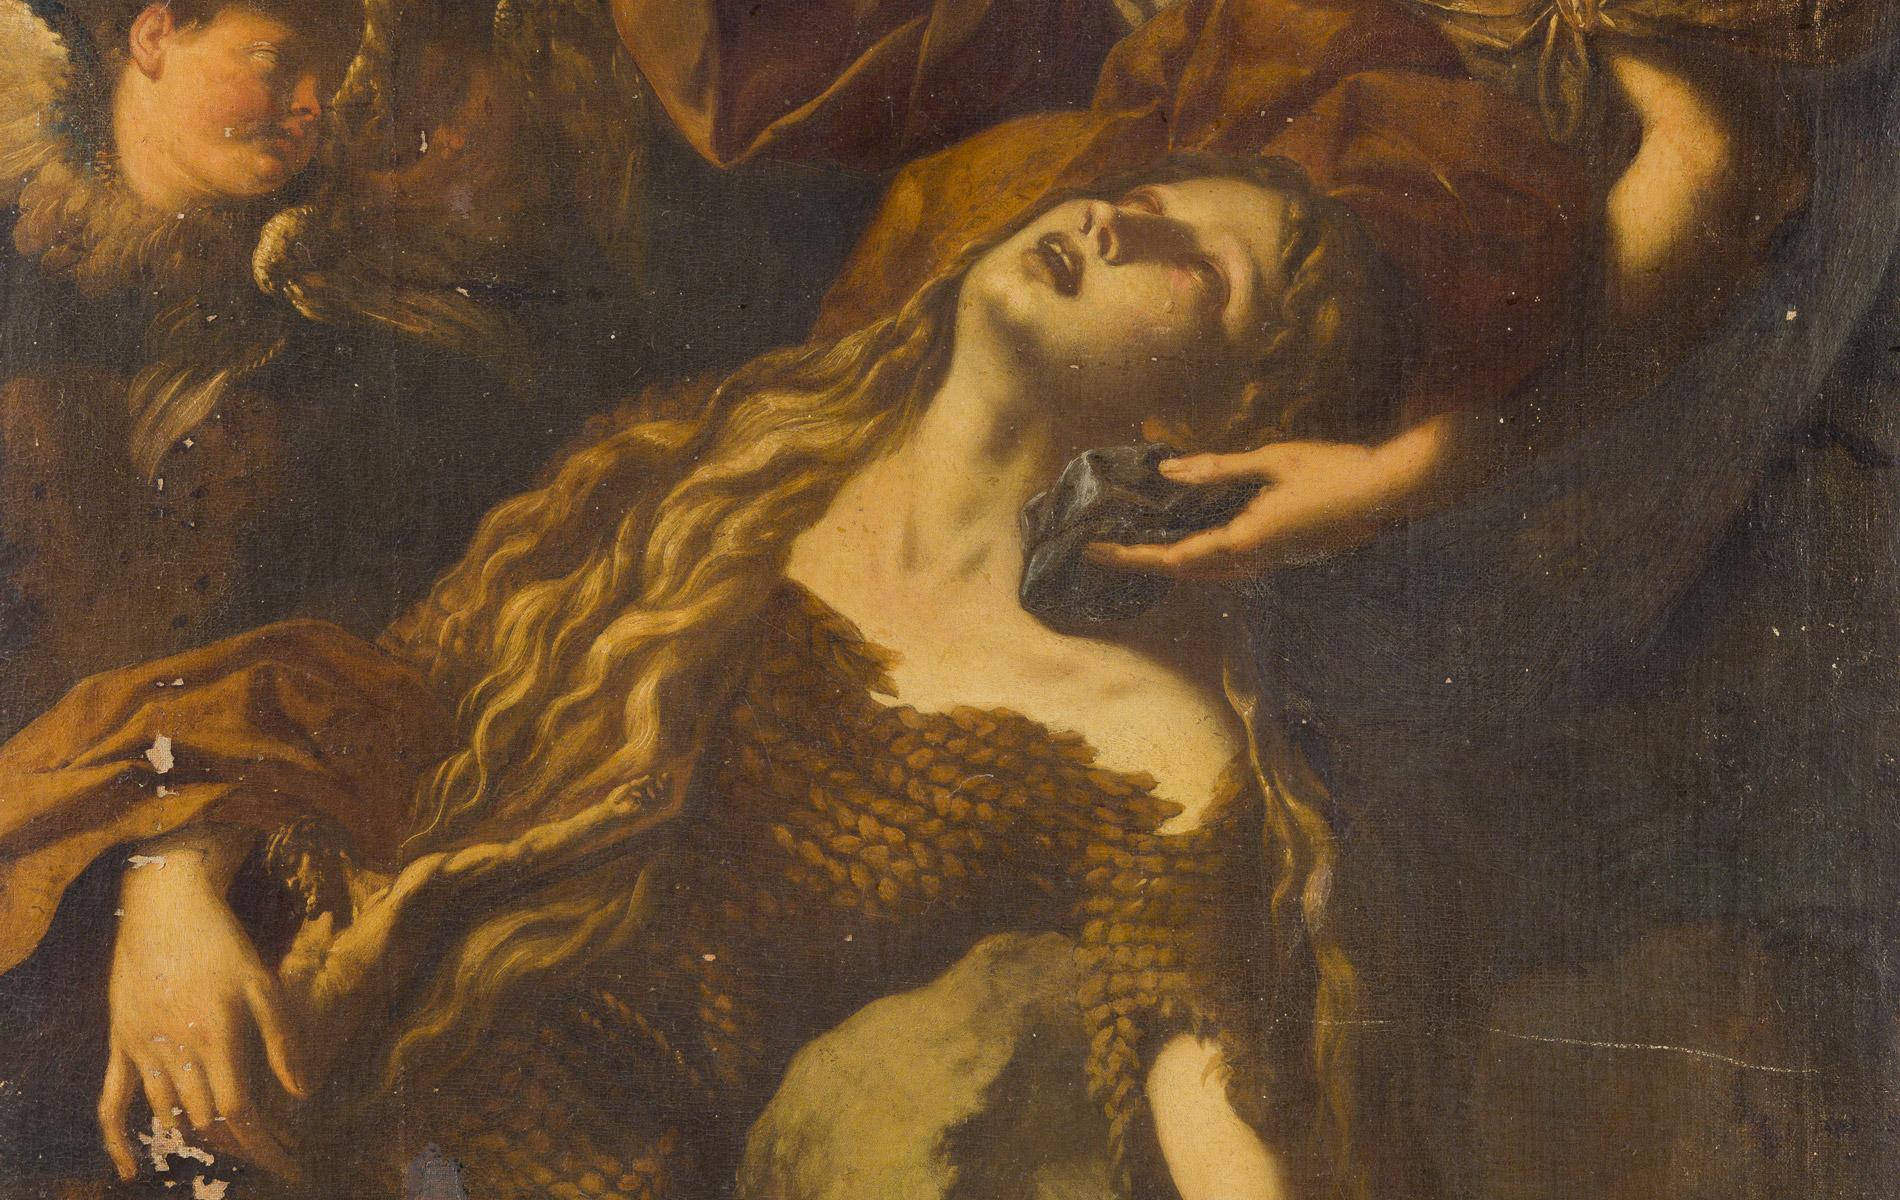 Santa Maria egiziaca in estasi, sostenuta da un angelo